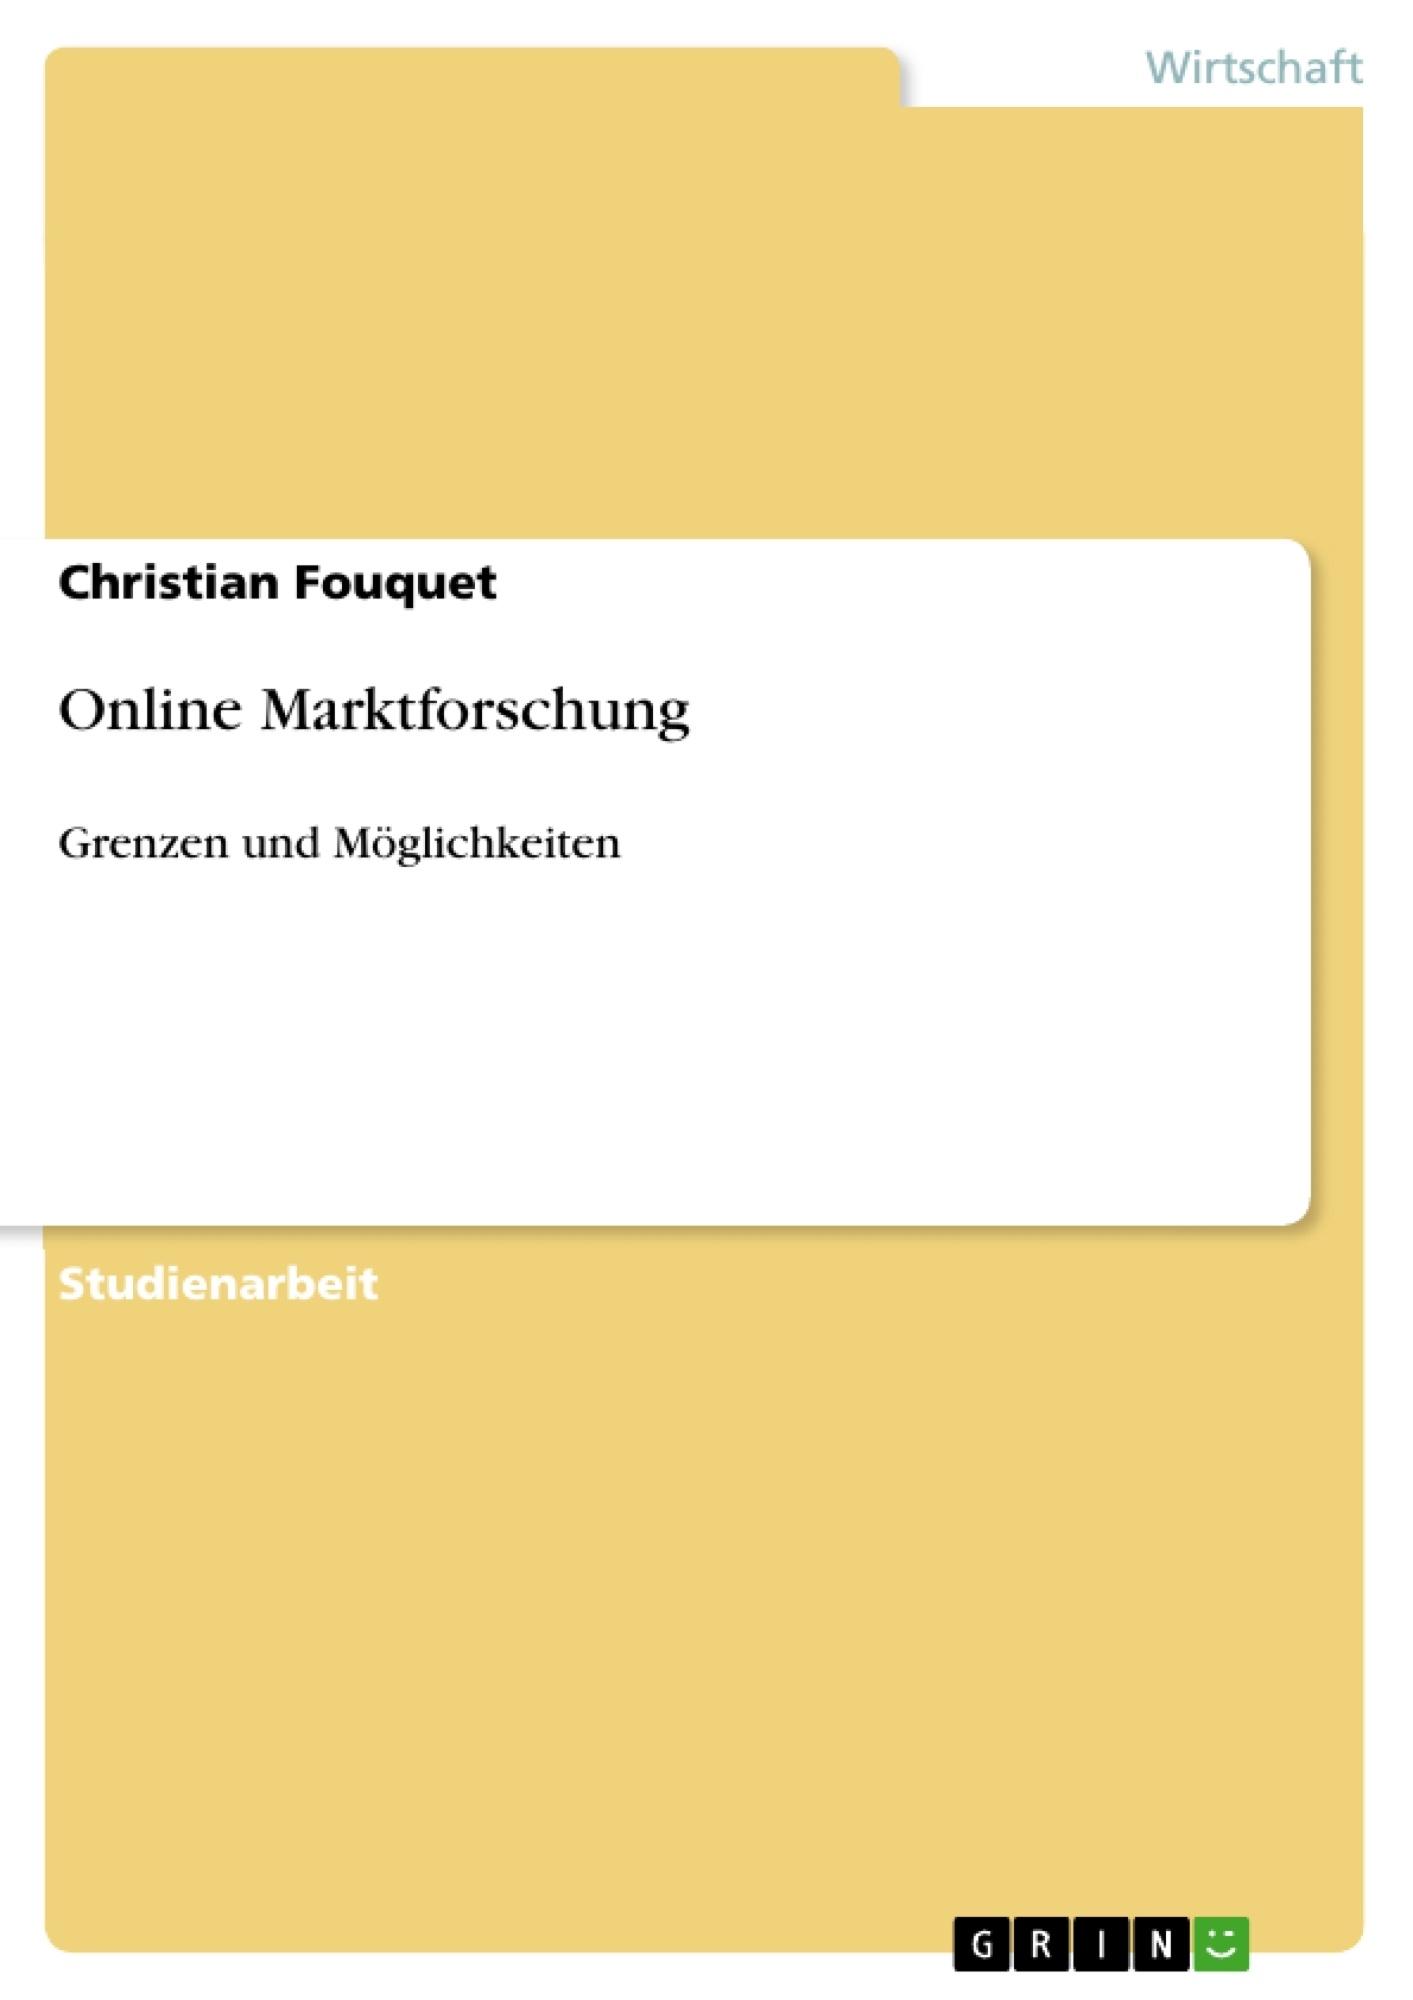 Titel: Online Marktforschung